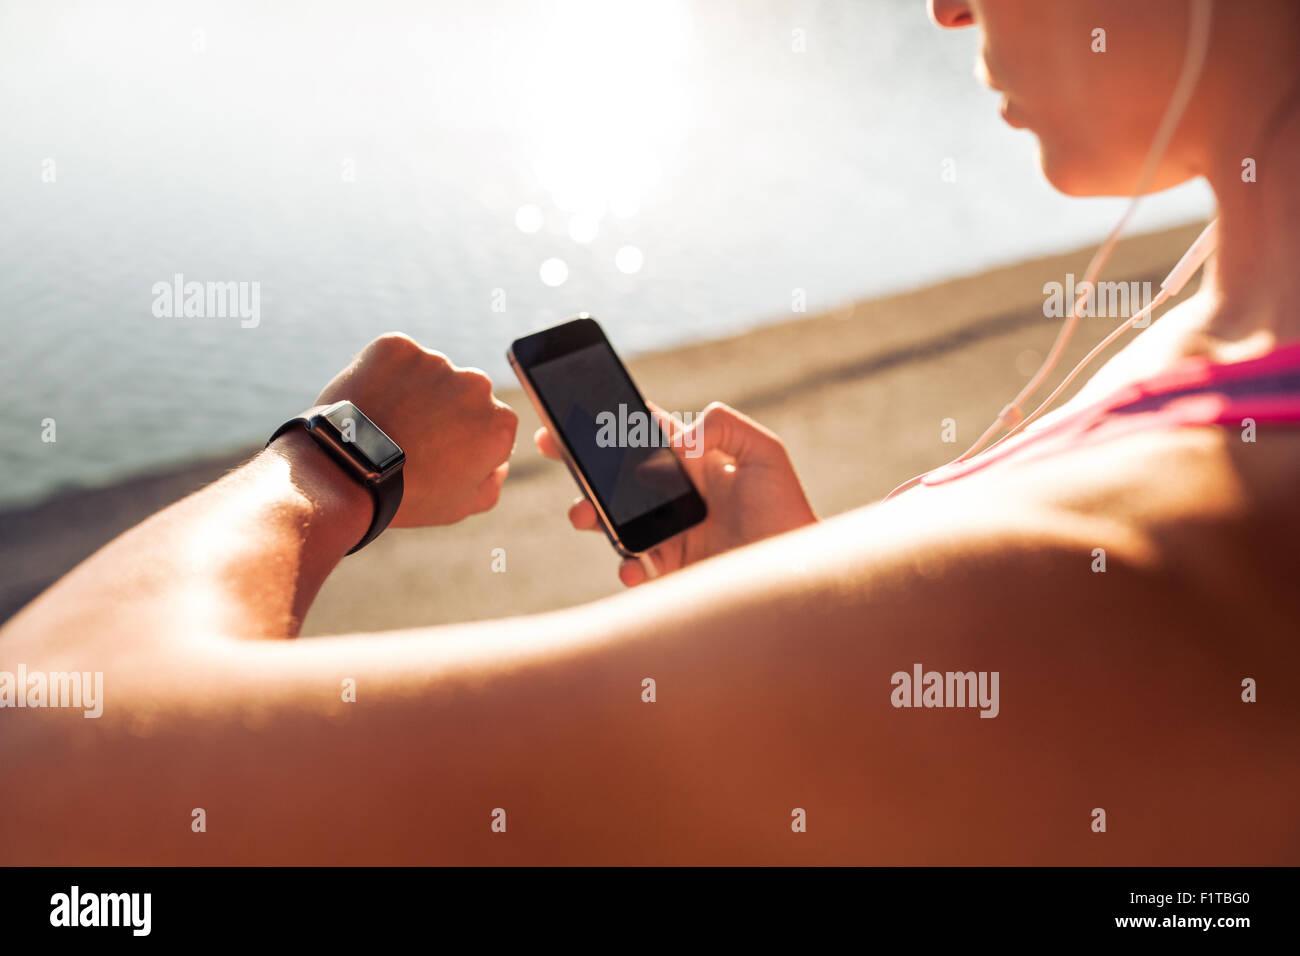 Sportlerin Smartwatch betrachten und Smartphone in ihrer anderen Hand hält, im Freien. Fitness Frauen Einrichten Stockbild